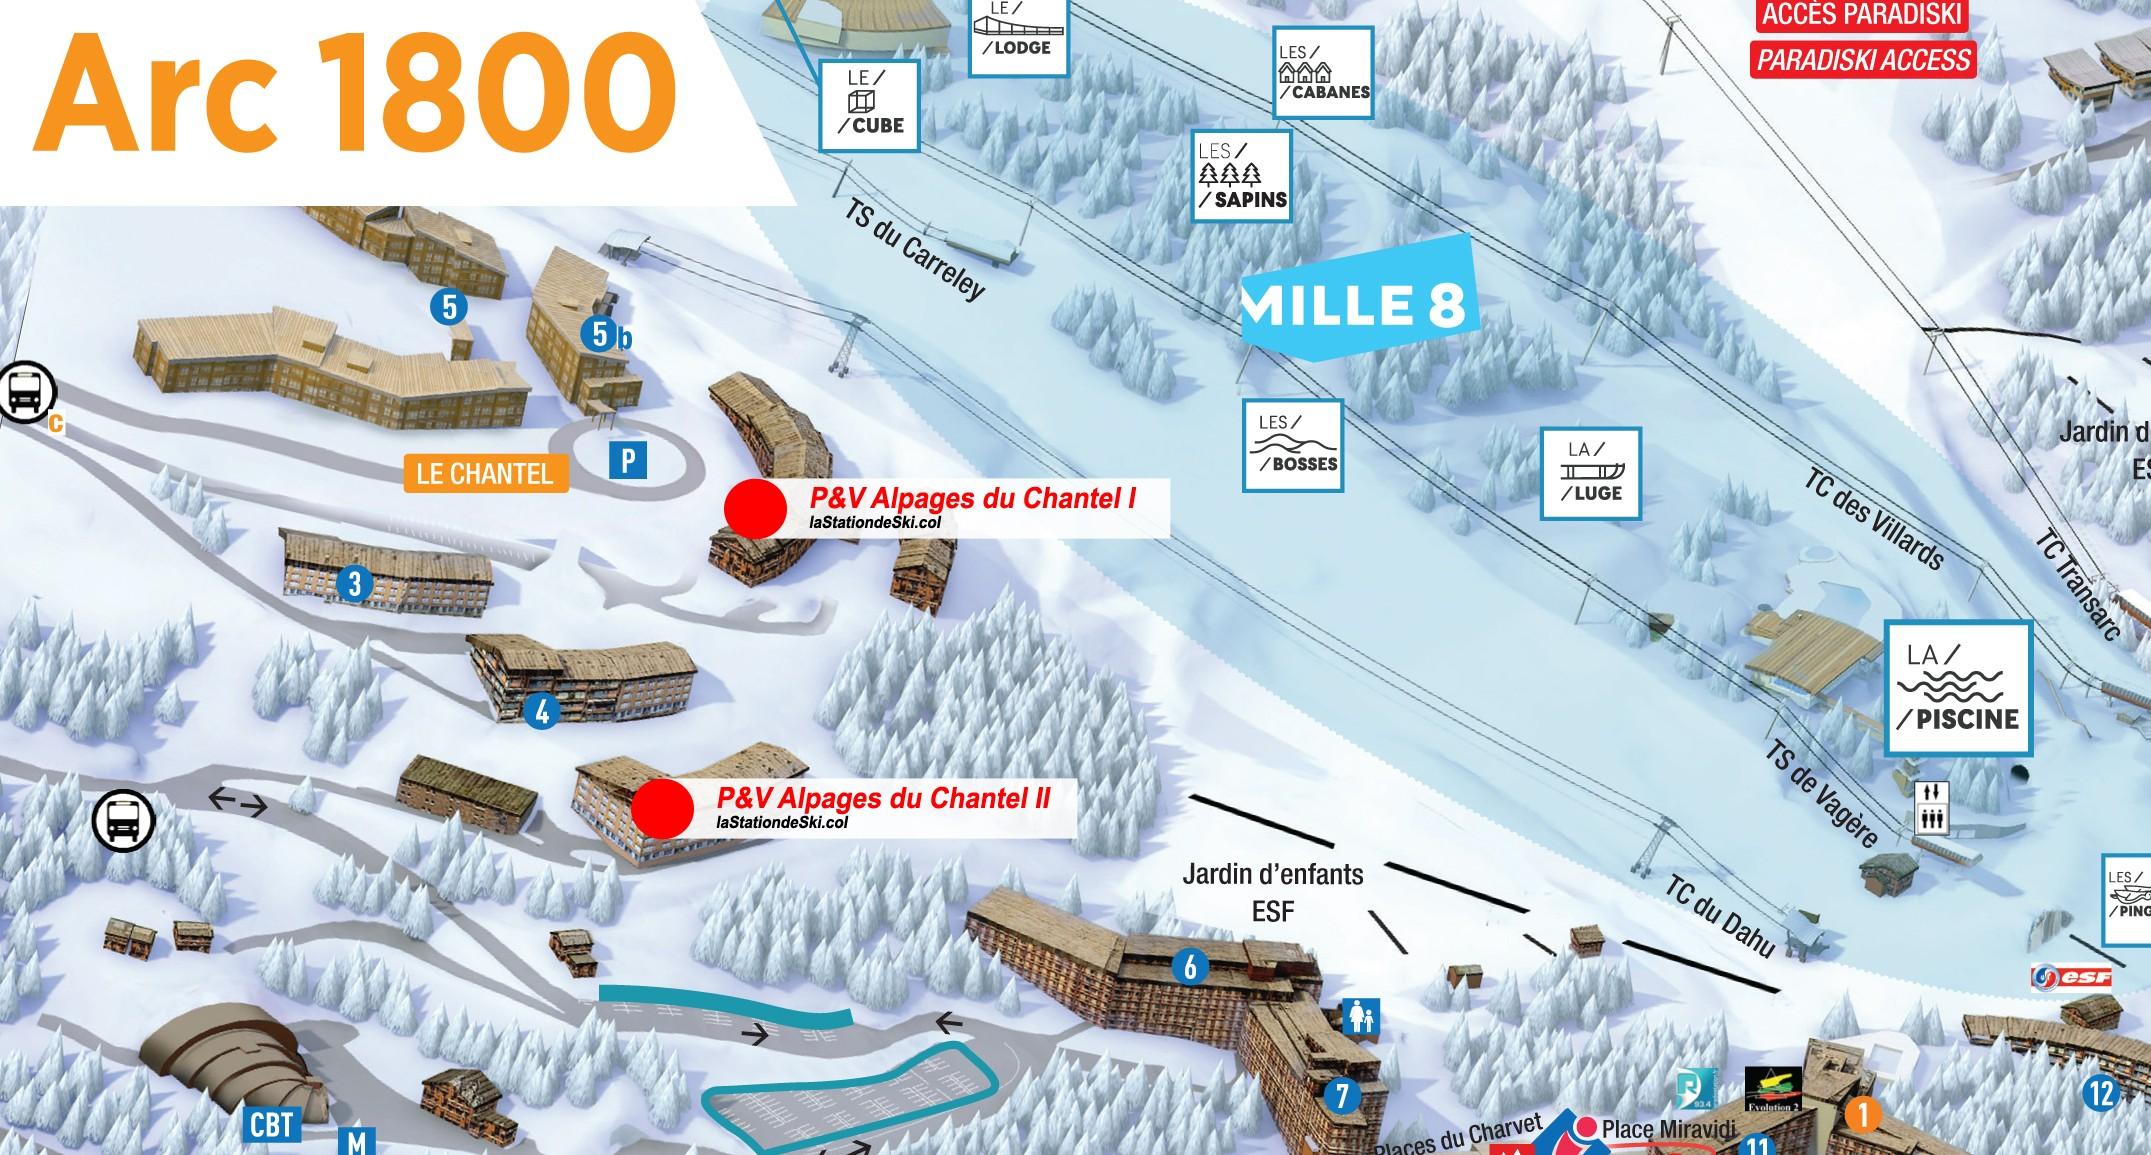 Pierre vacances les alpages de chantel arc 1800 for Piscine arc 1800